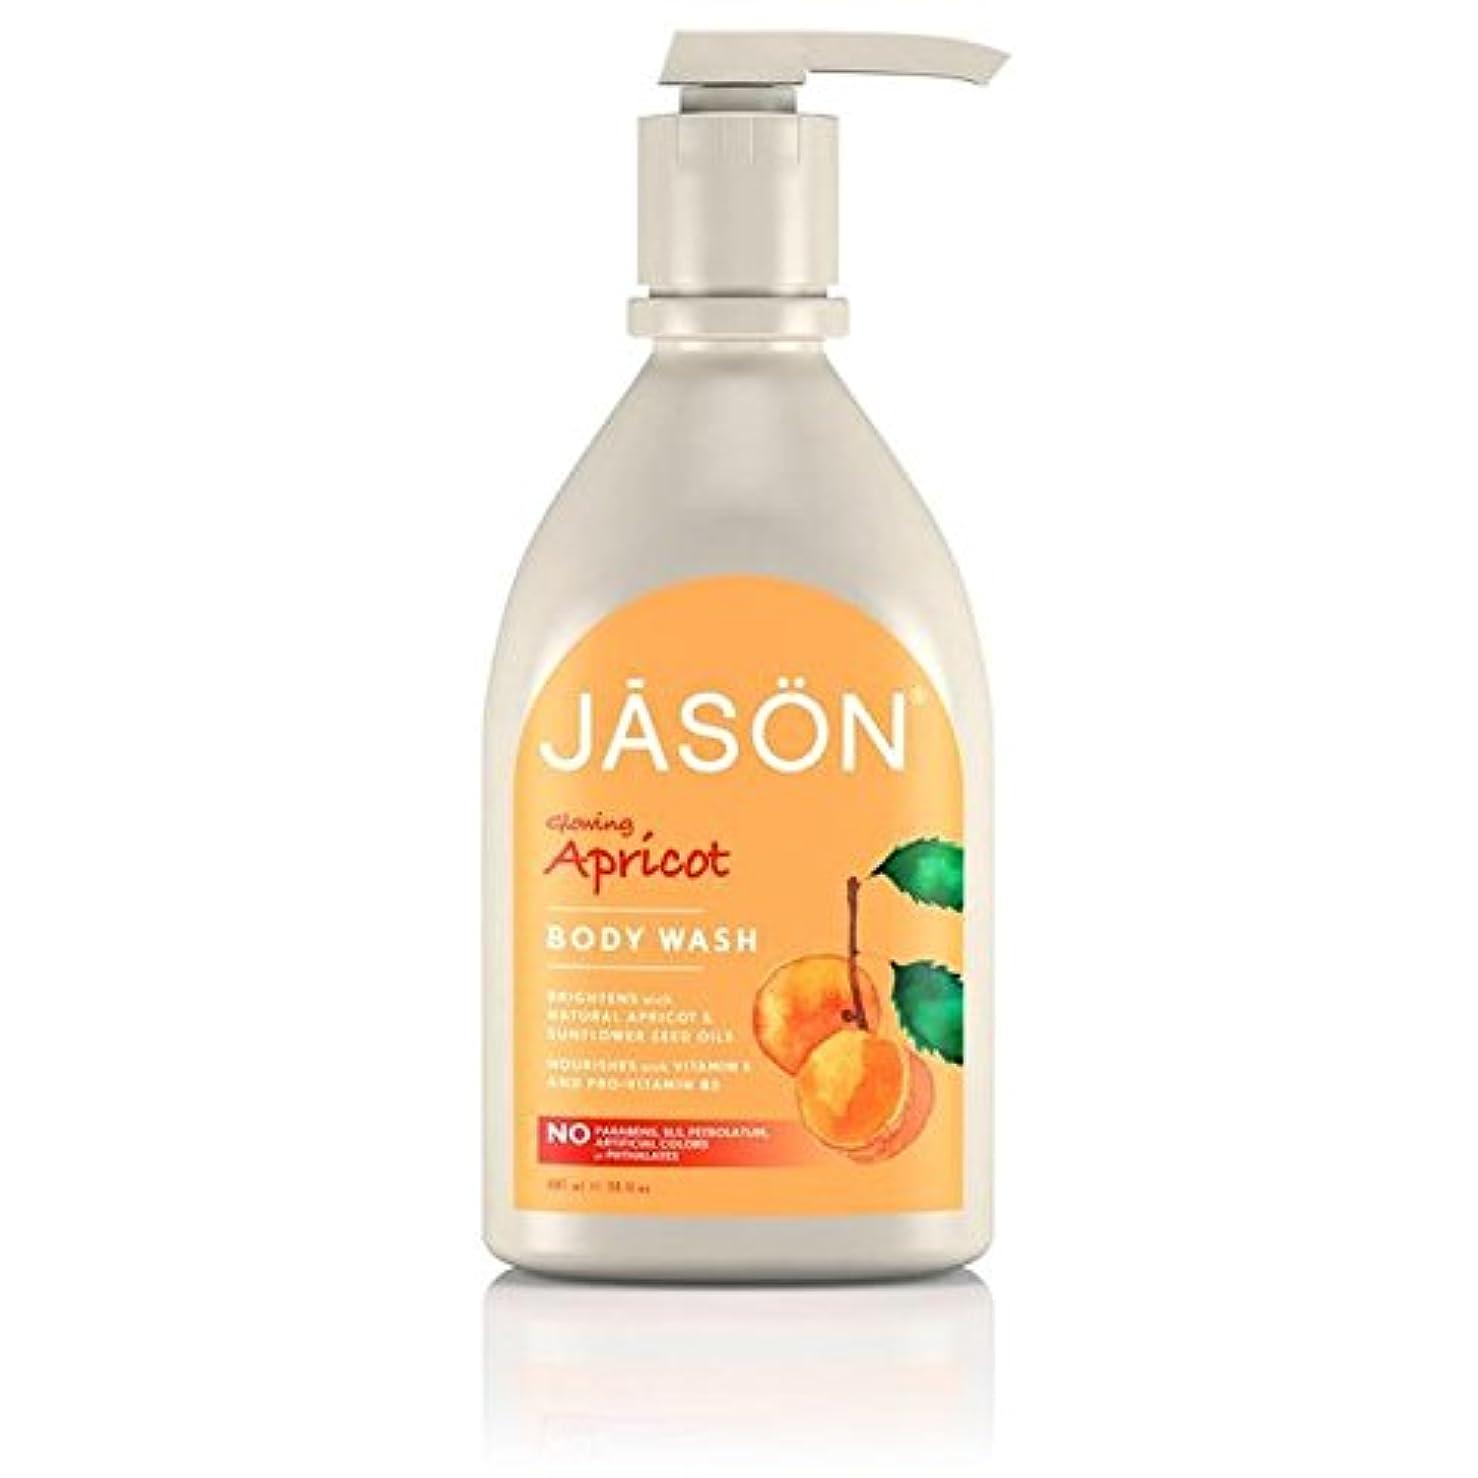 最大化するおしゃれじゃないコロニージェイソン?アプリコットサテンボディウォッシュポンプ900ミリリットル x2 - Jason Apricot Satin Body Wash Pump 900ml (Pack of 2) [並行輸入品]